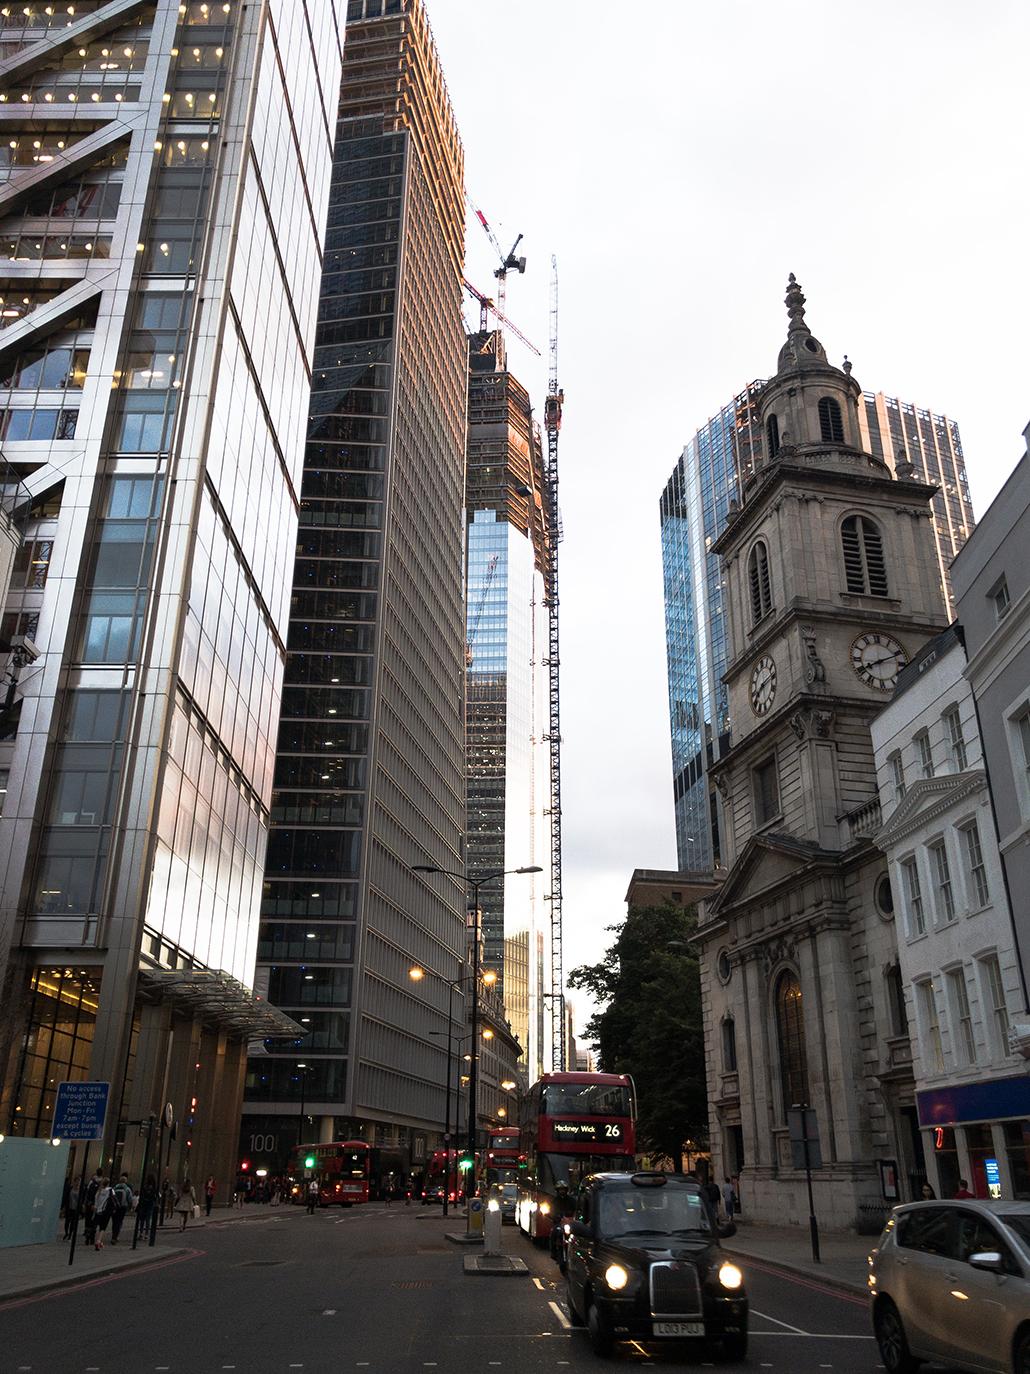 Londres London voyage trip expat conseil astuce city building